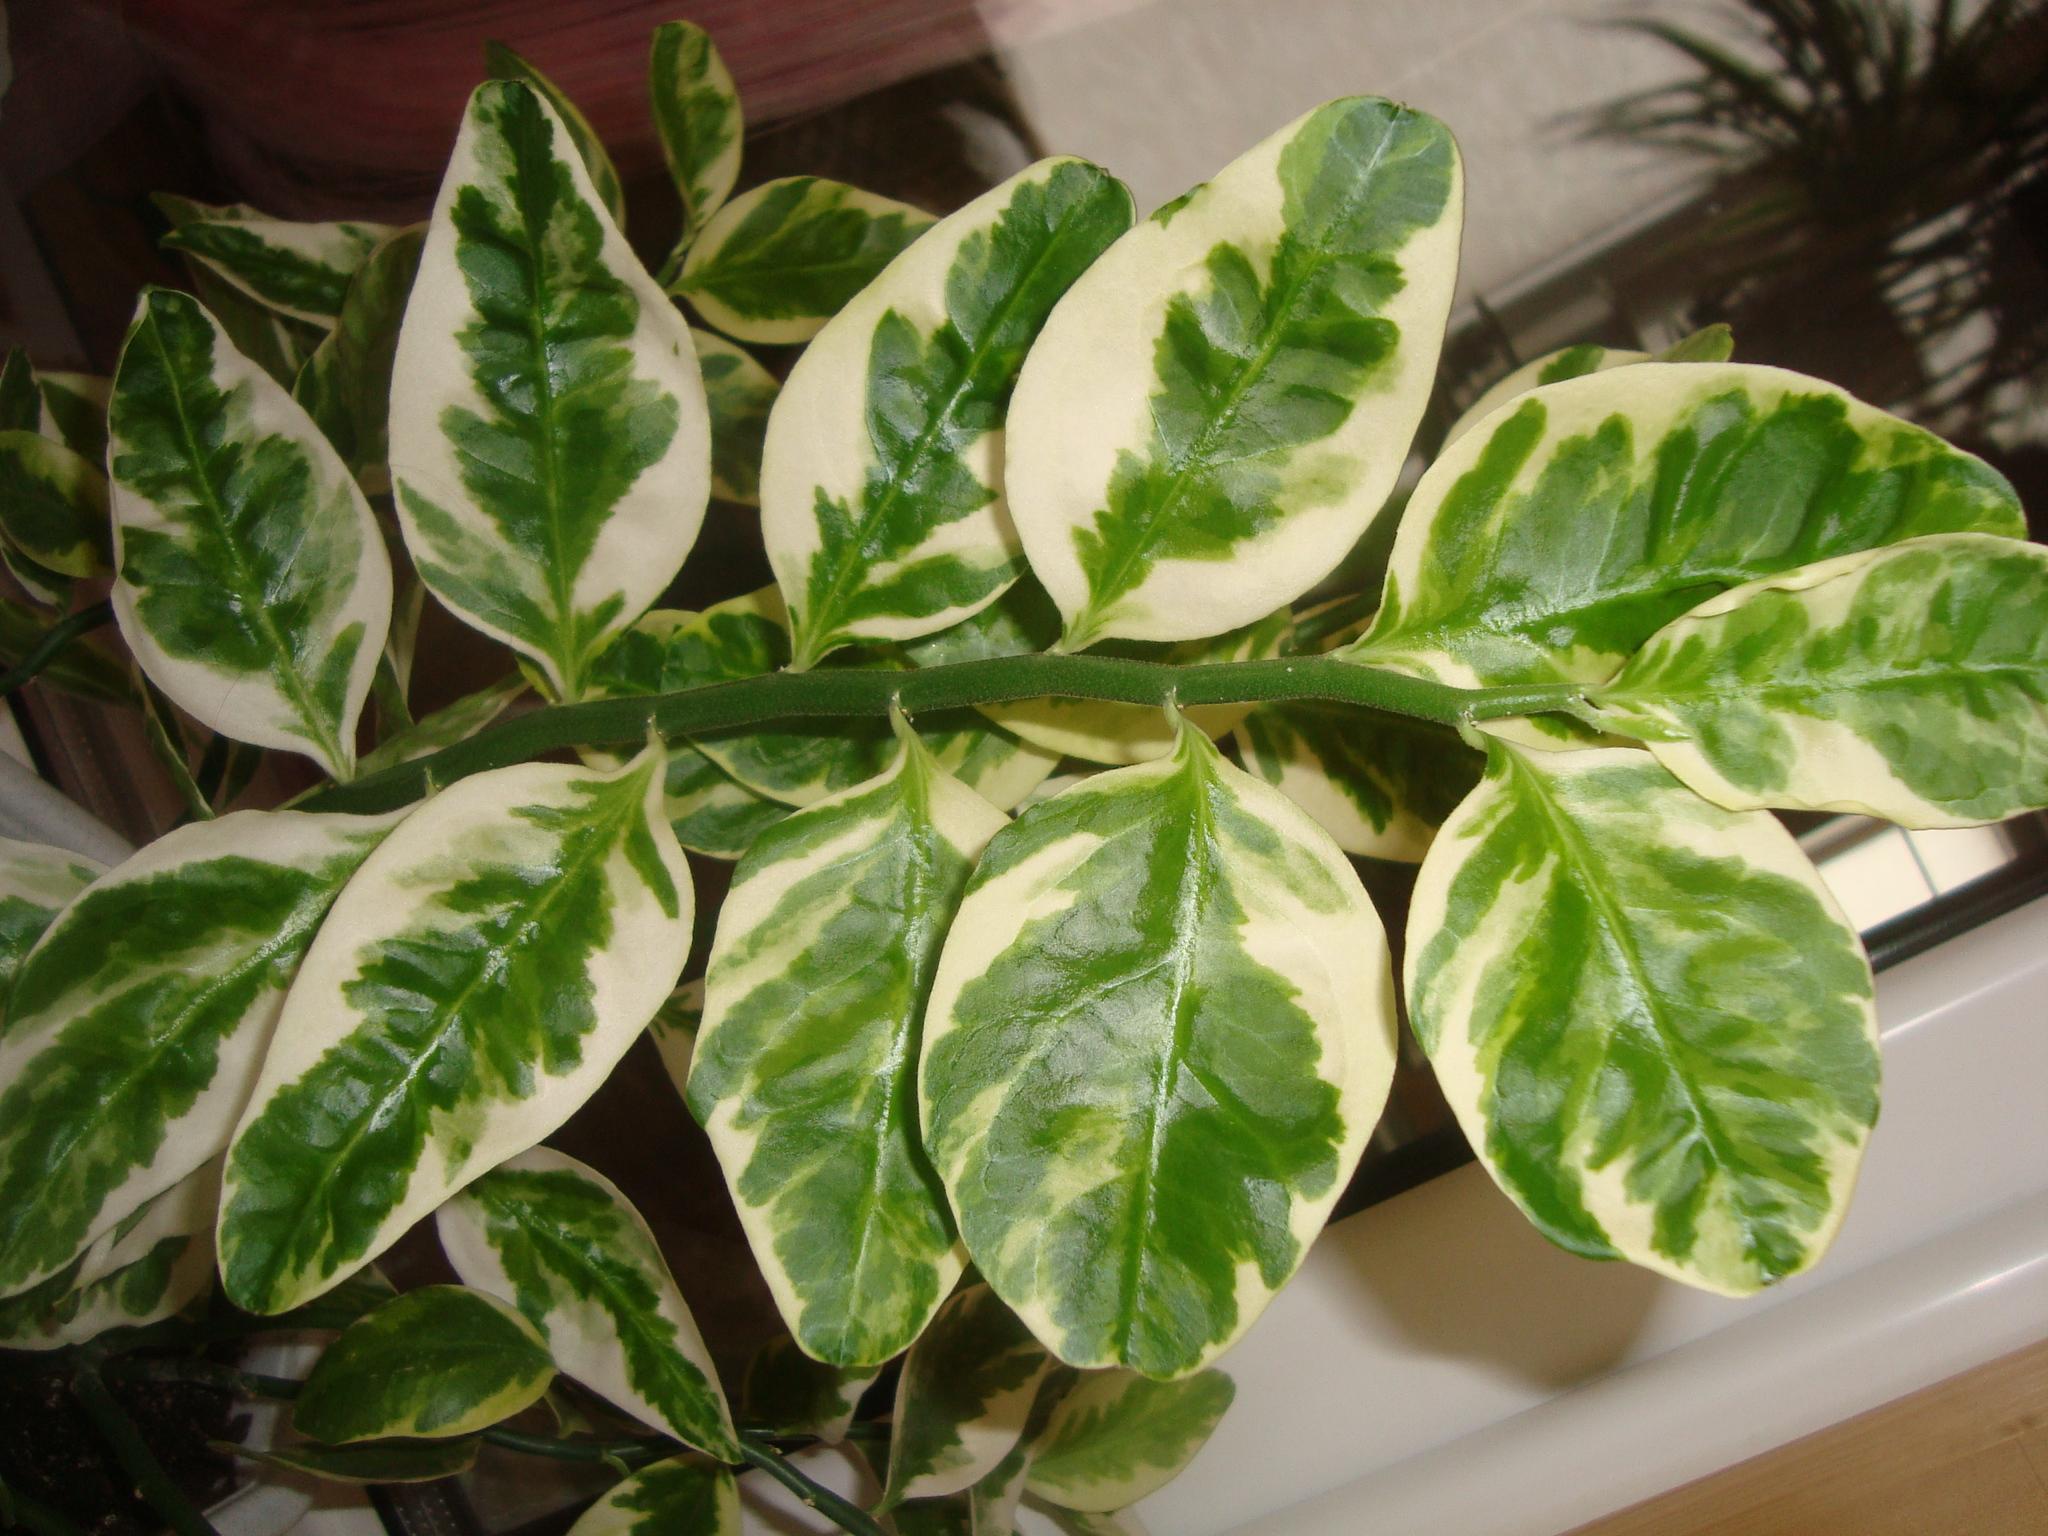 привлекательна что за растение с зигзагообразными листьями фото коробки изготавливают обработанной